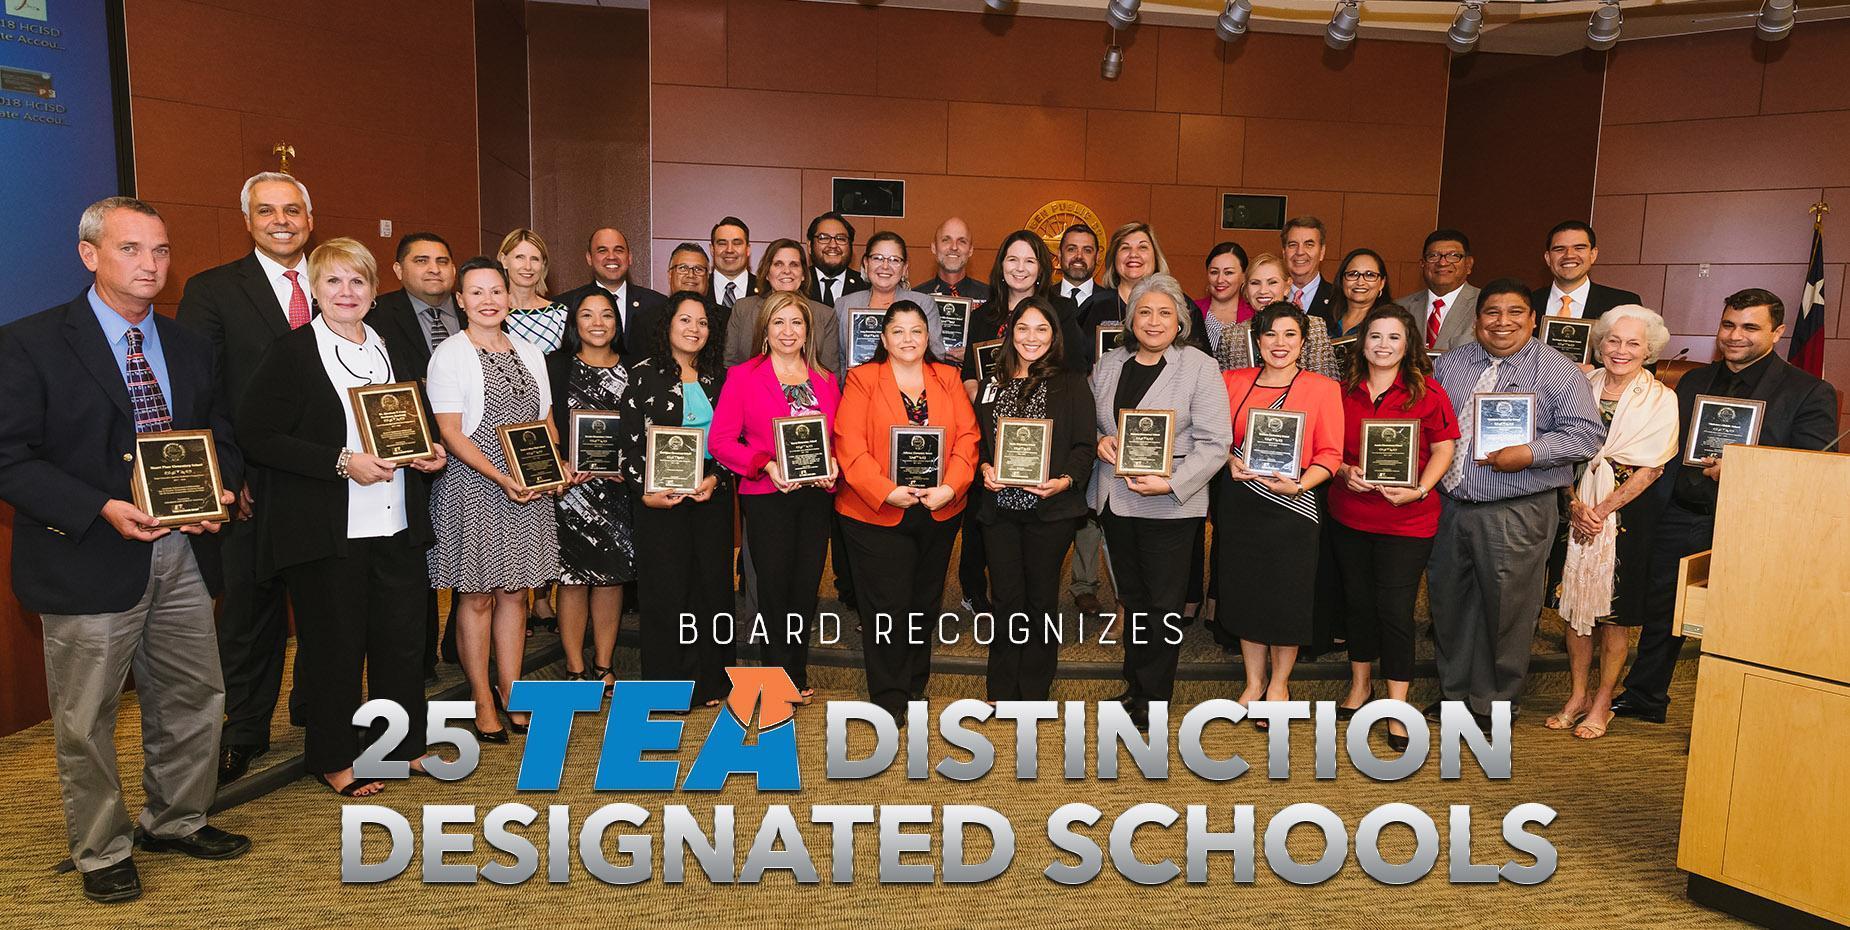 Board recognizes 25 TEA Distinction Designated Schools